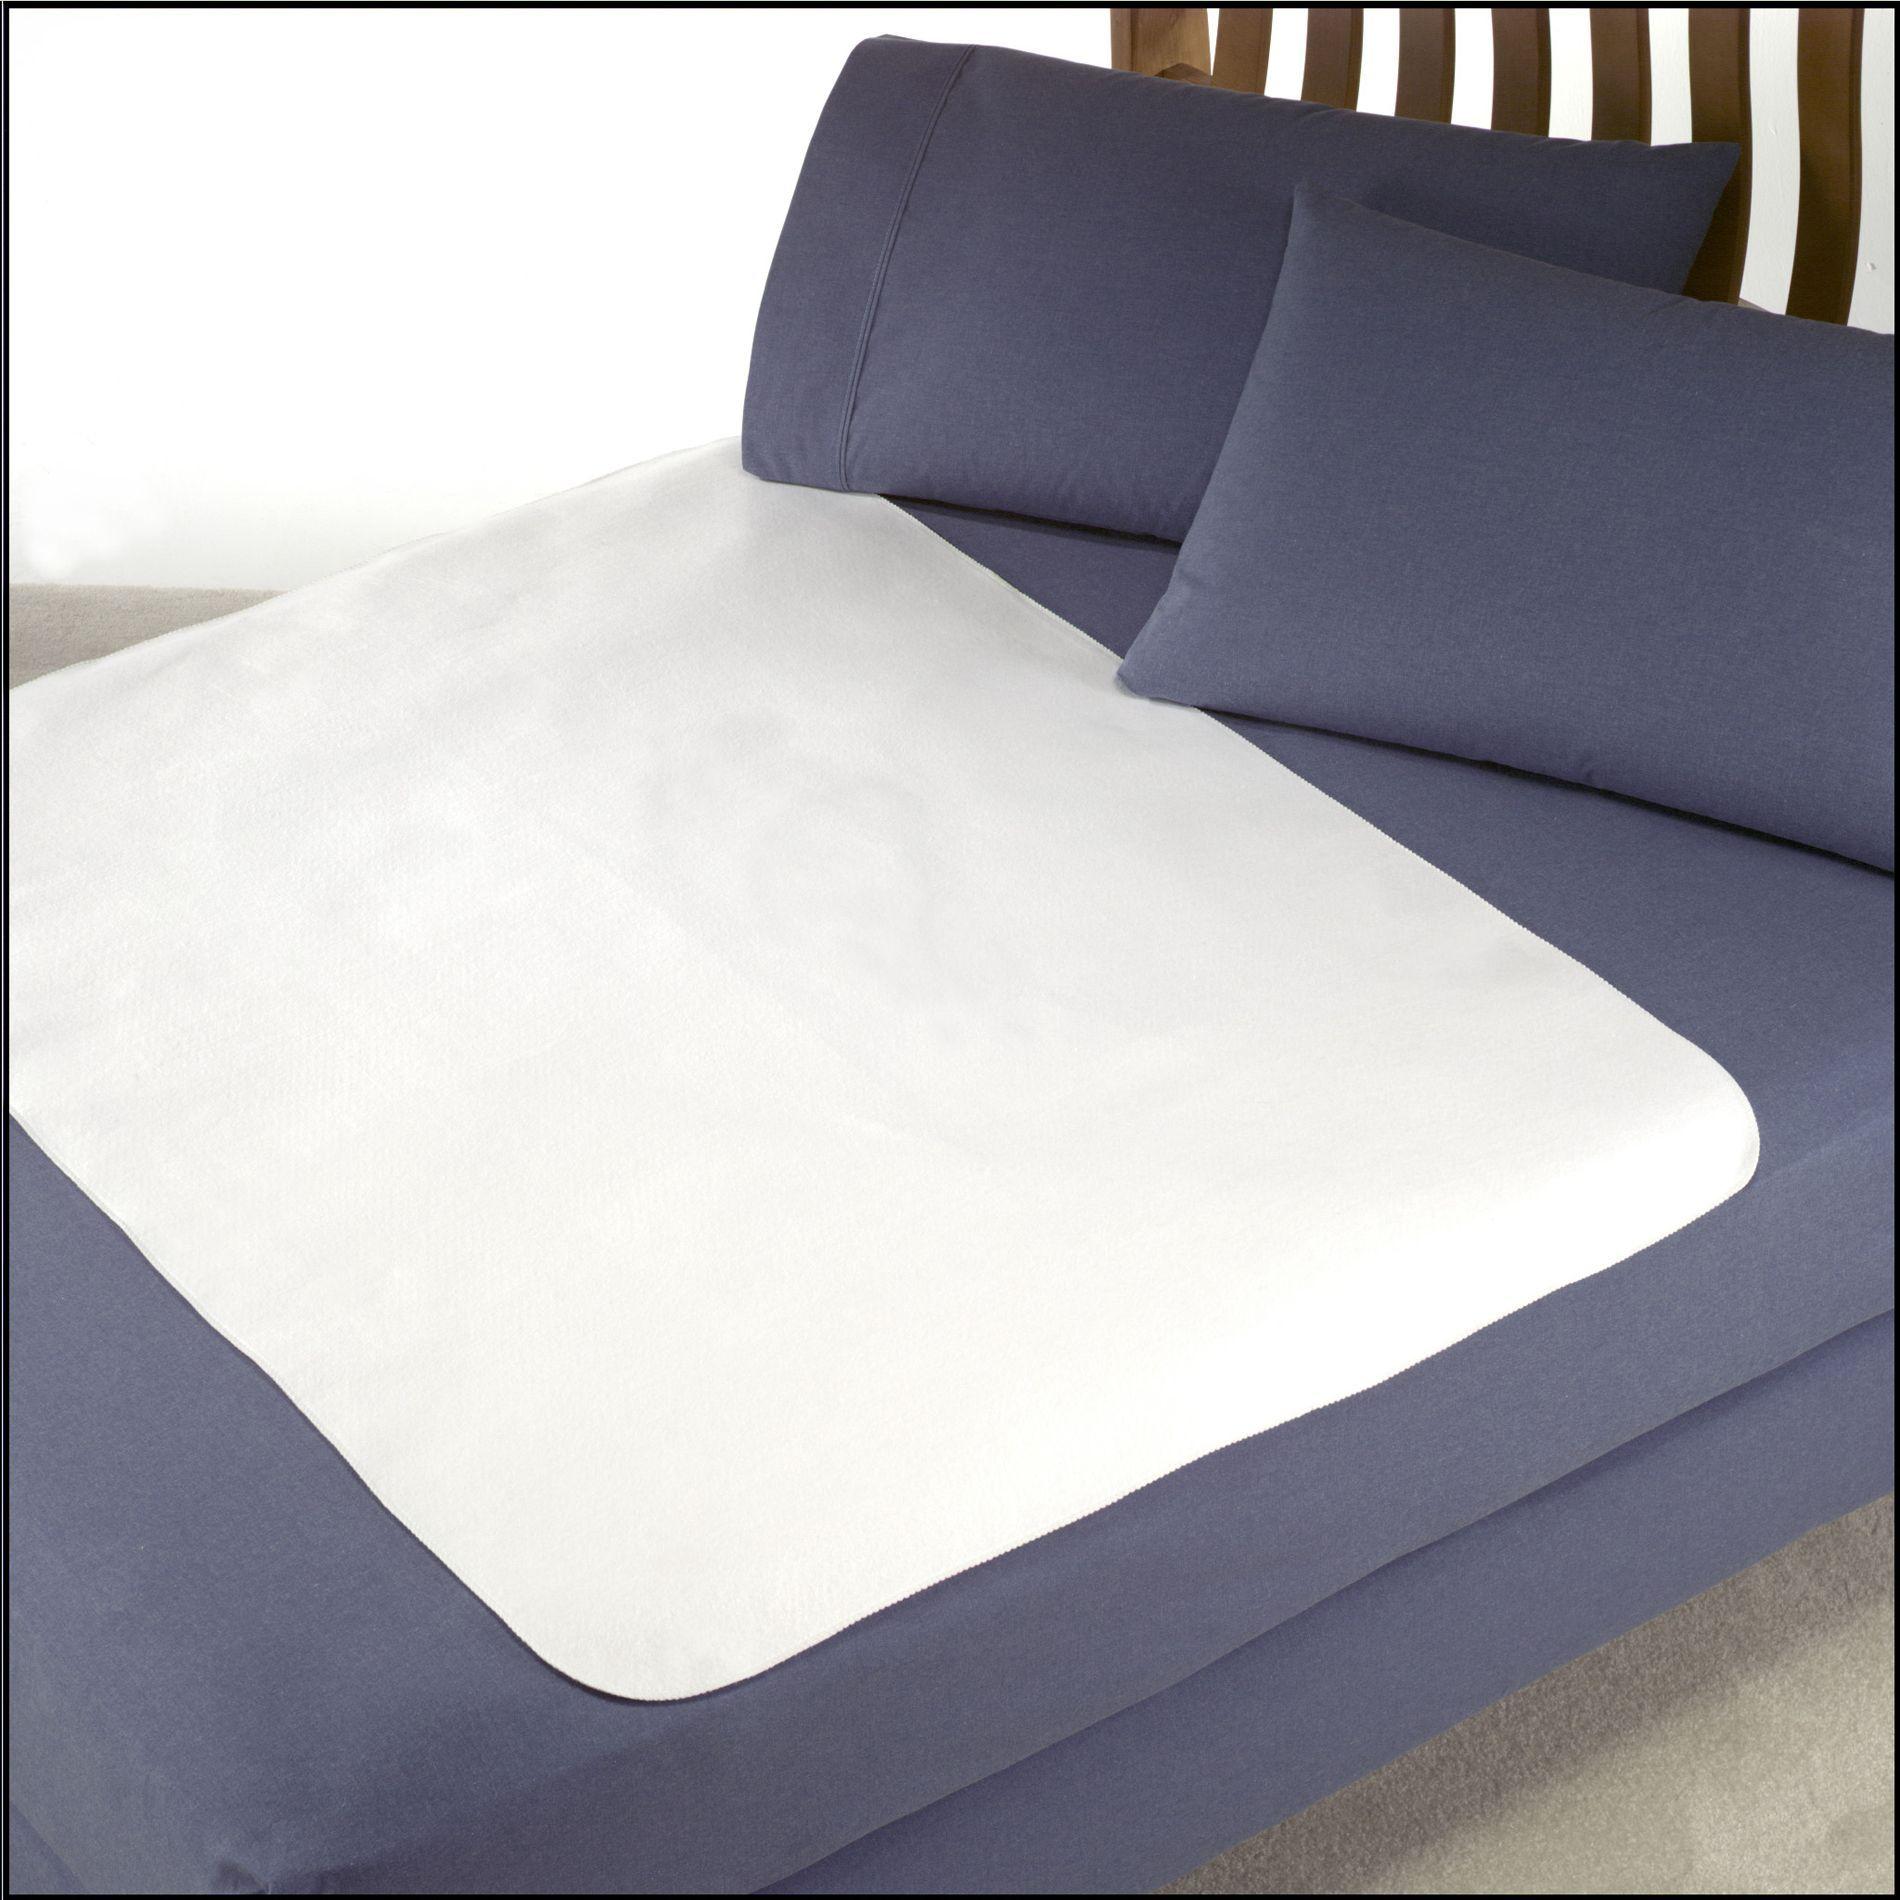 Waterproof mattress pads Bed pads, Mattress, Mattress covers